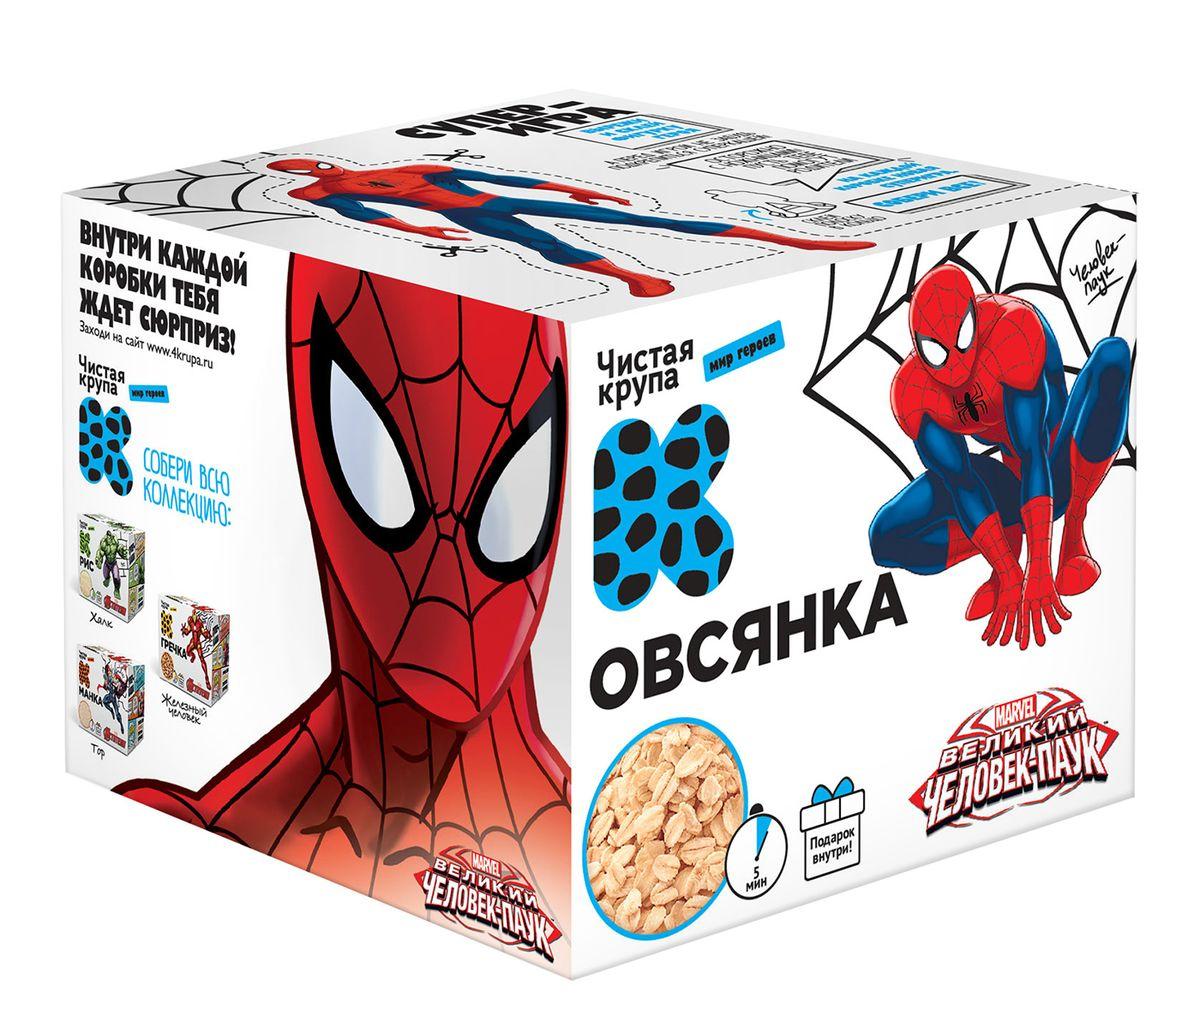 Чистая Крупа Marvel человек-паук овсяные хлопья с подарком в пакетиках для варки, 7 шт по 35 г МКМ-КР-001